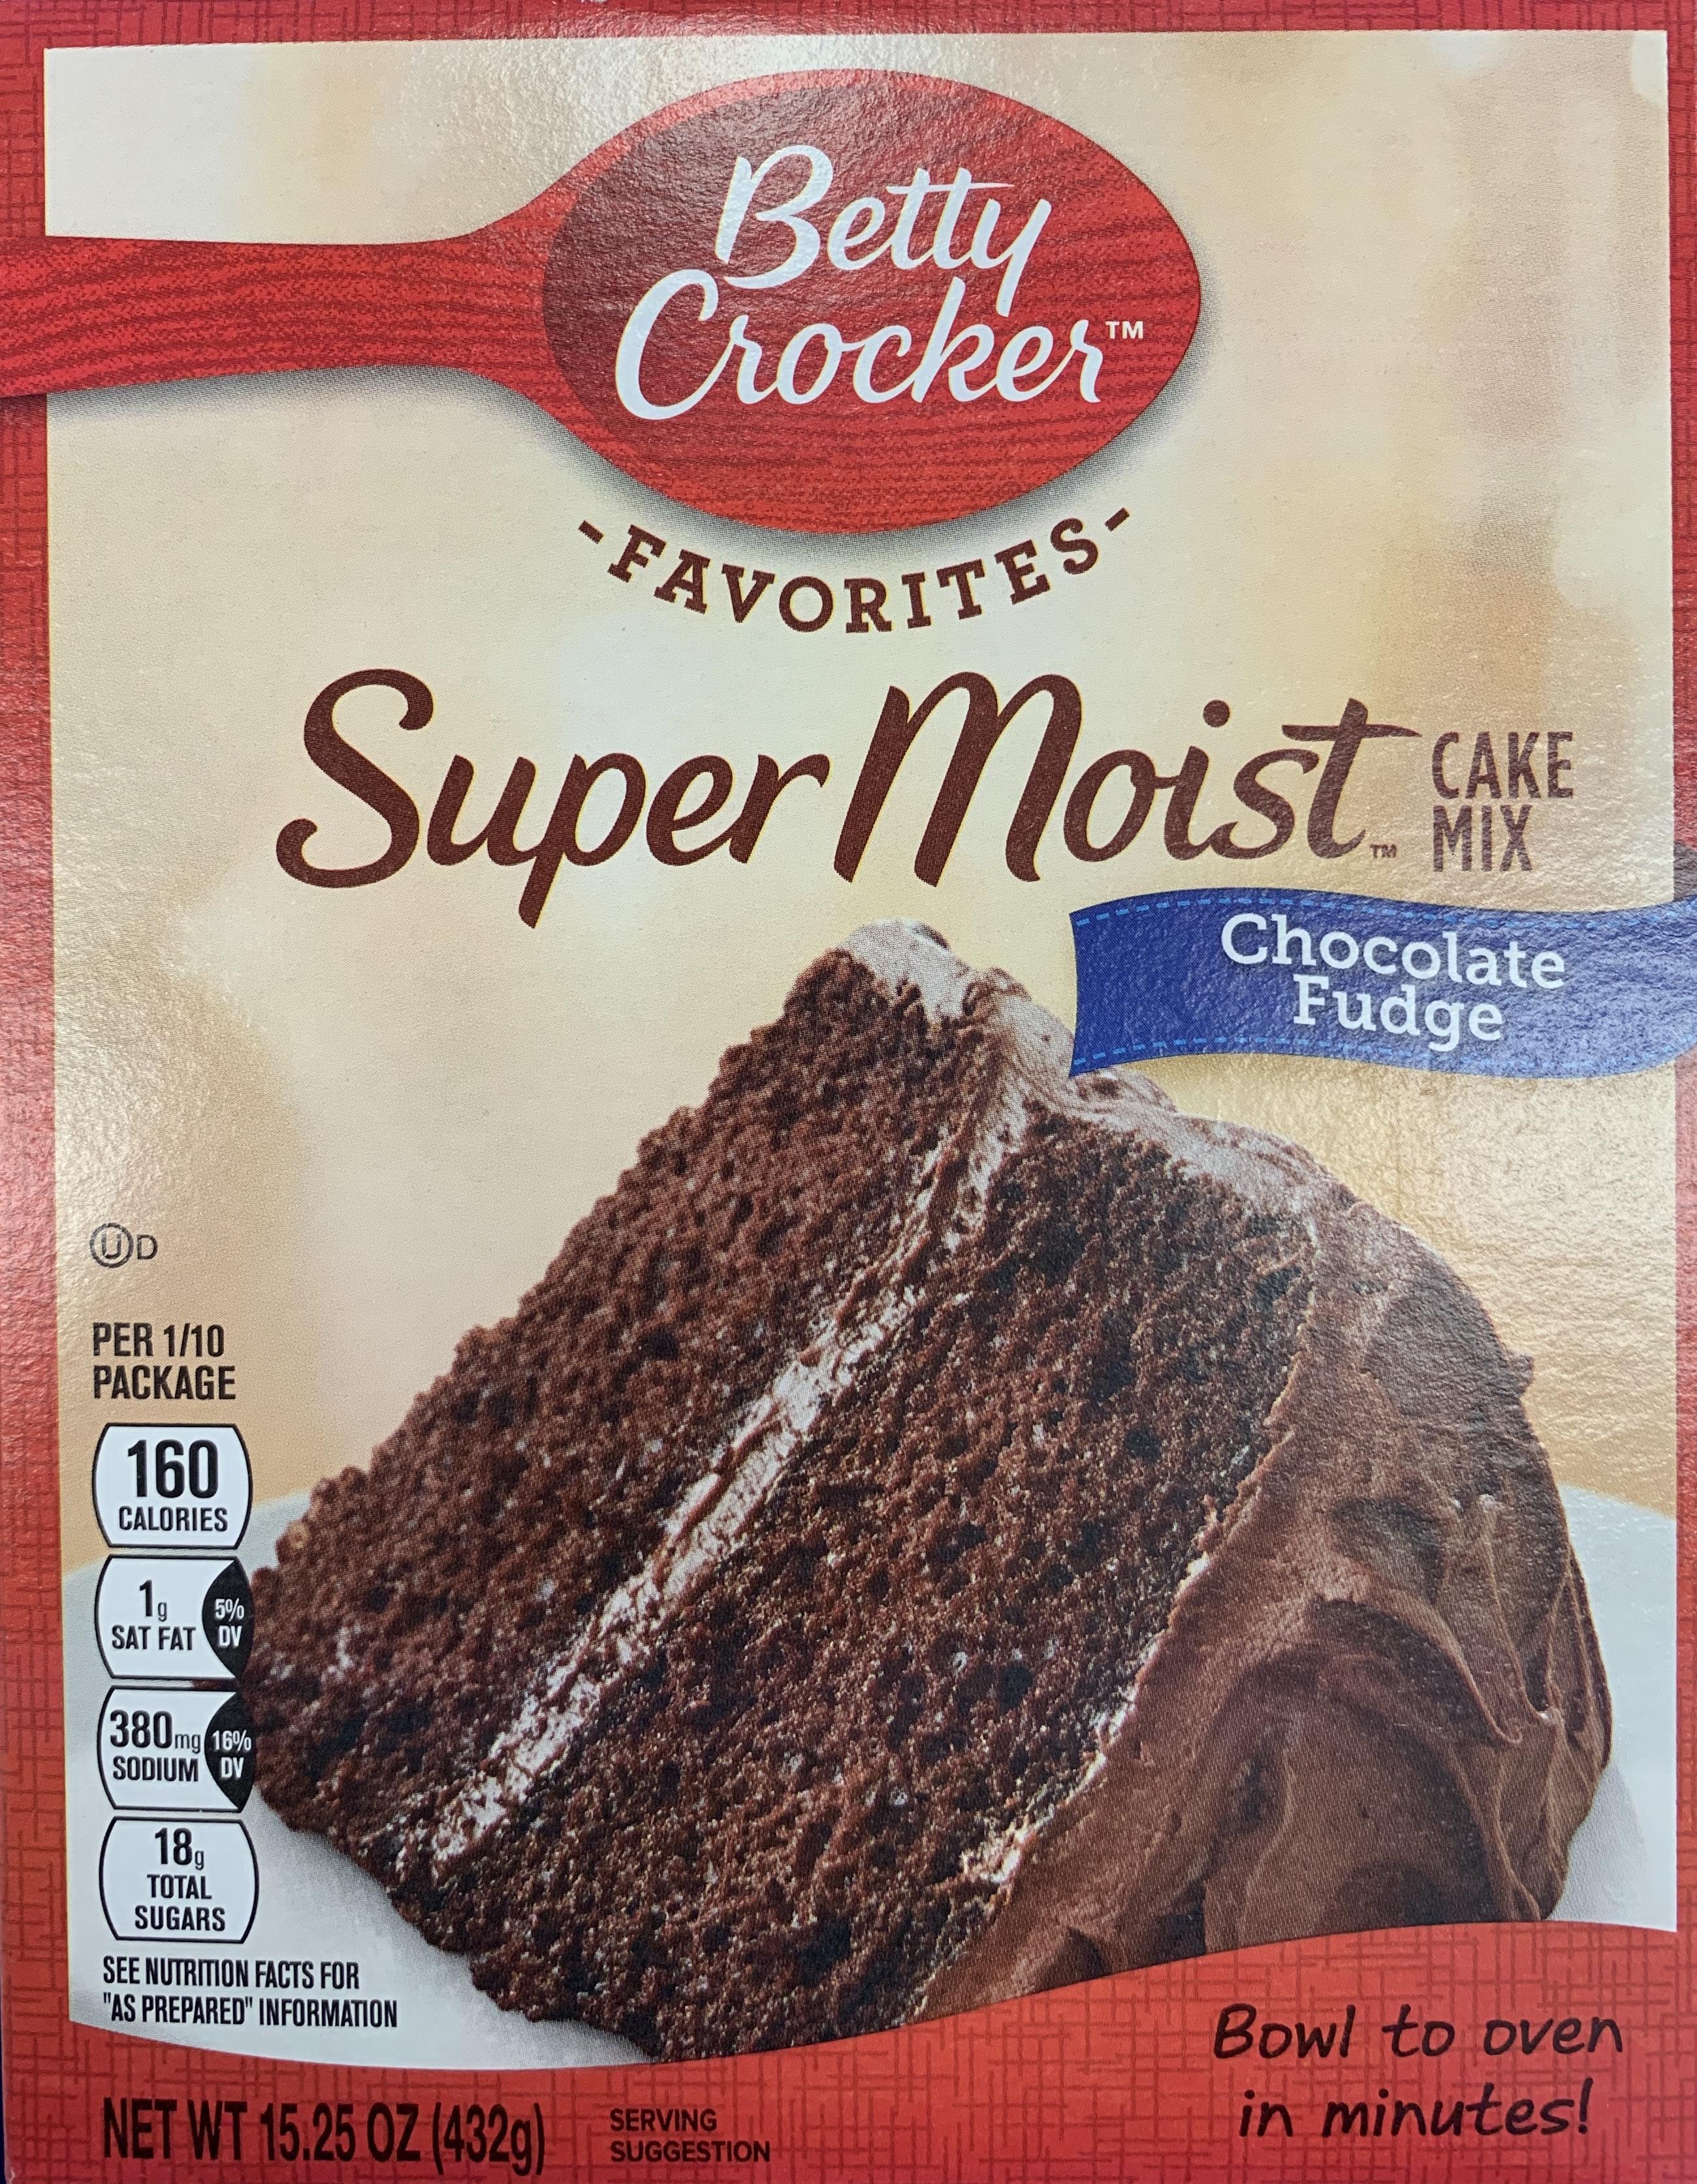 Betty Crocker Chocolate Fudge Cake